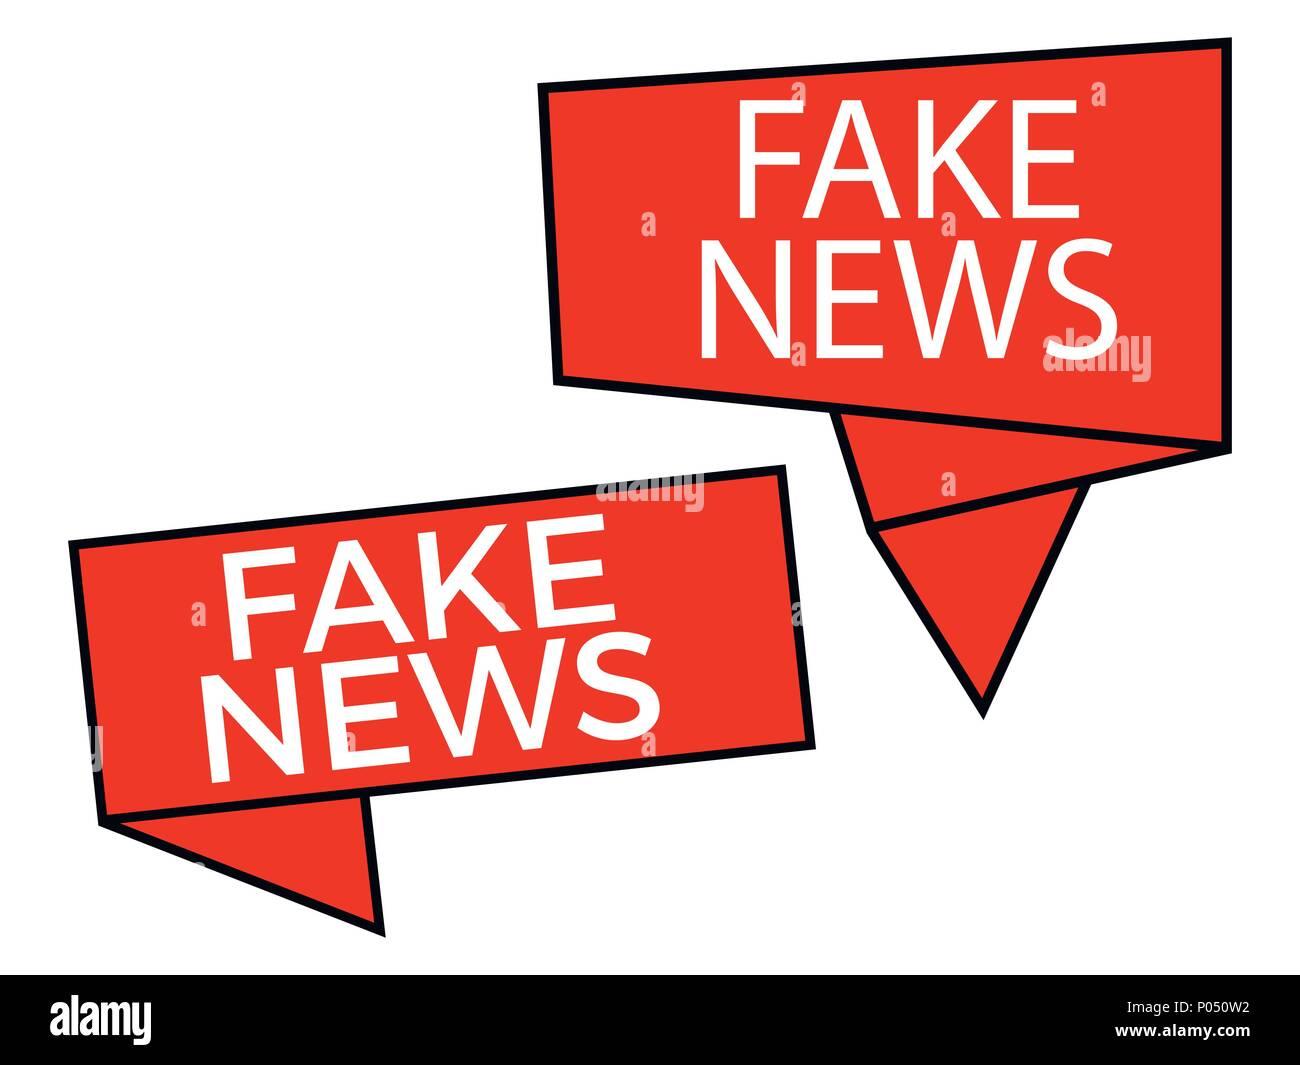 Fake news, richiamo isolato su sfondo bianco. Falso il giornalismo. Illustrazione Vettoriale Immagini Stock